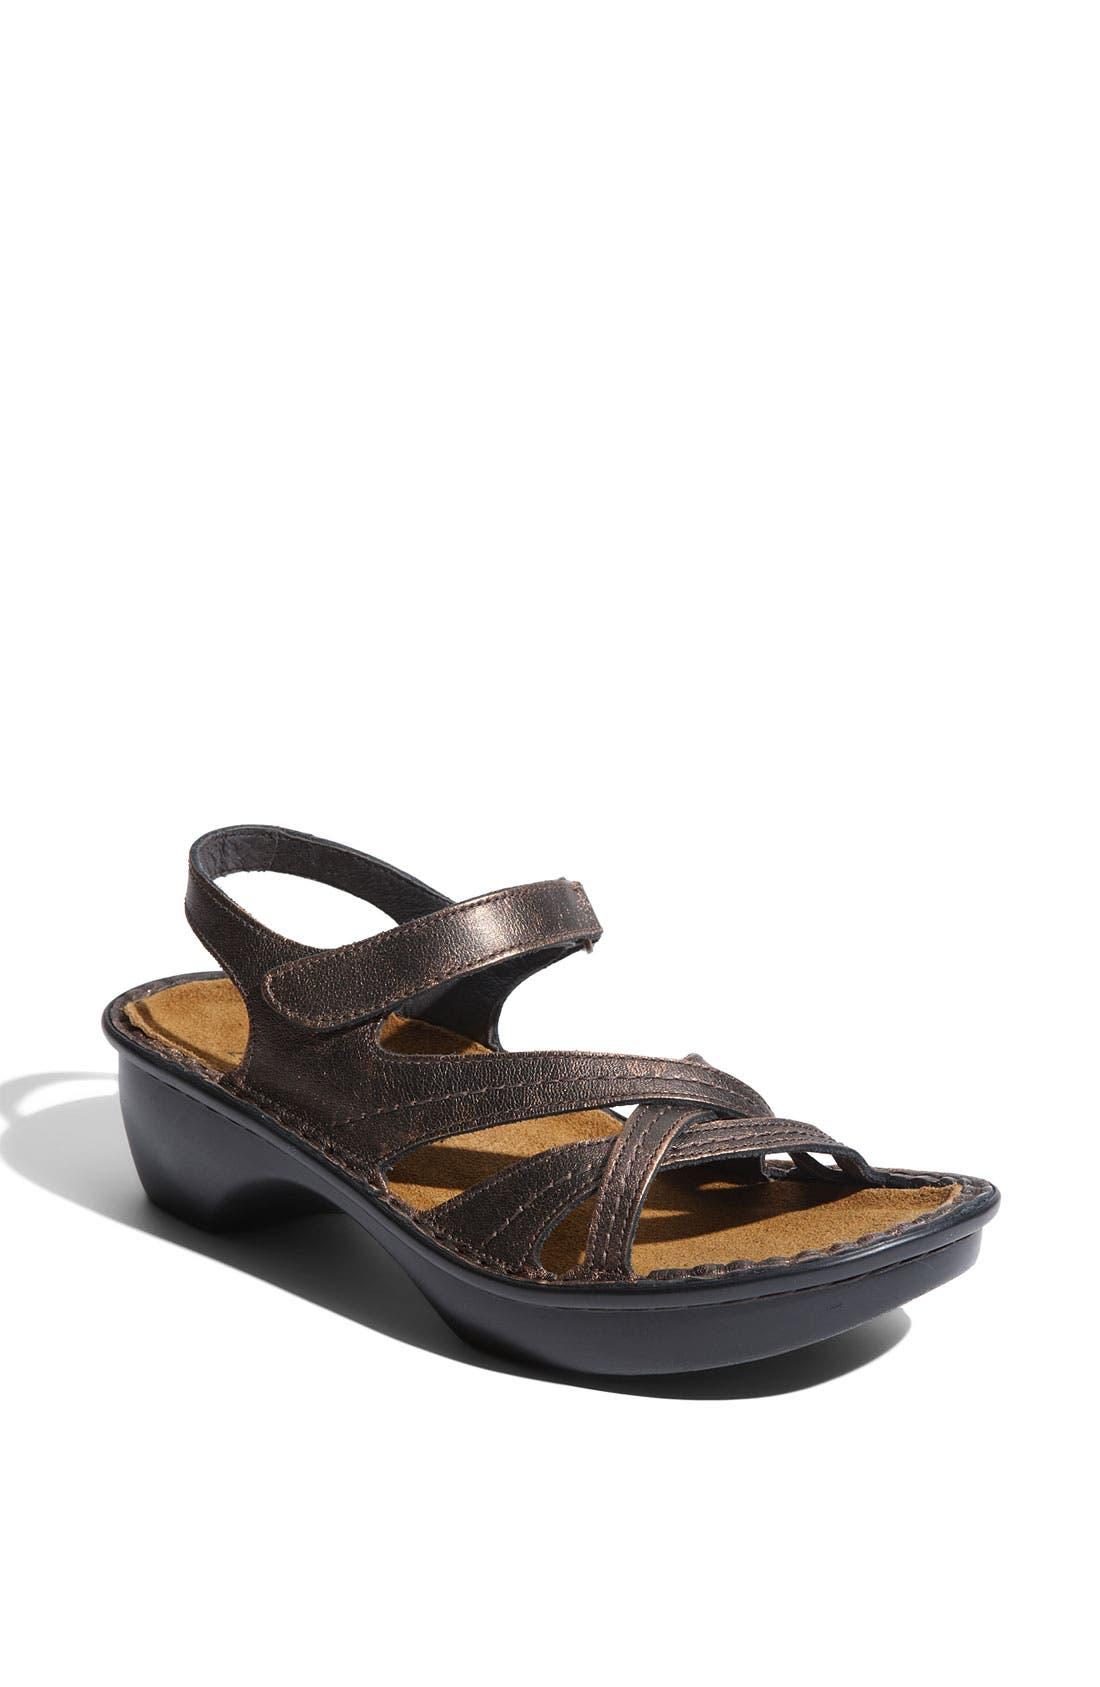 NAOT 'Paris' Sandal, Main, color, BURNT COPPER